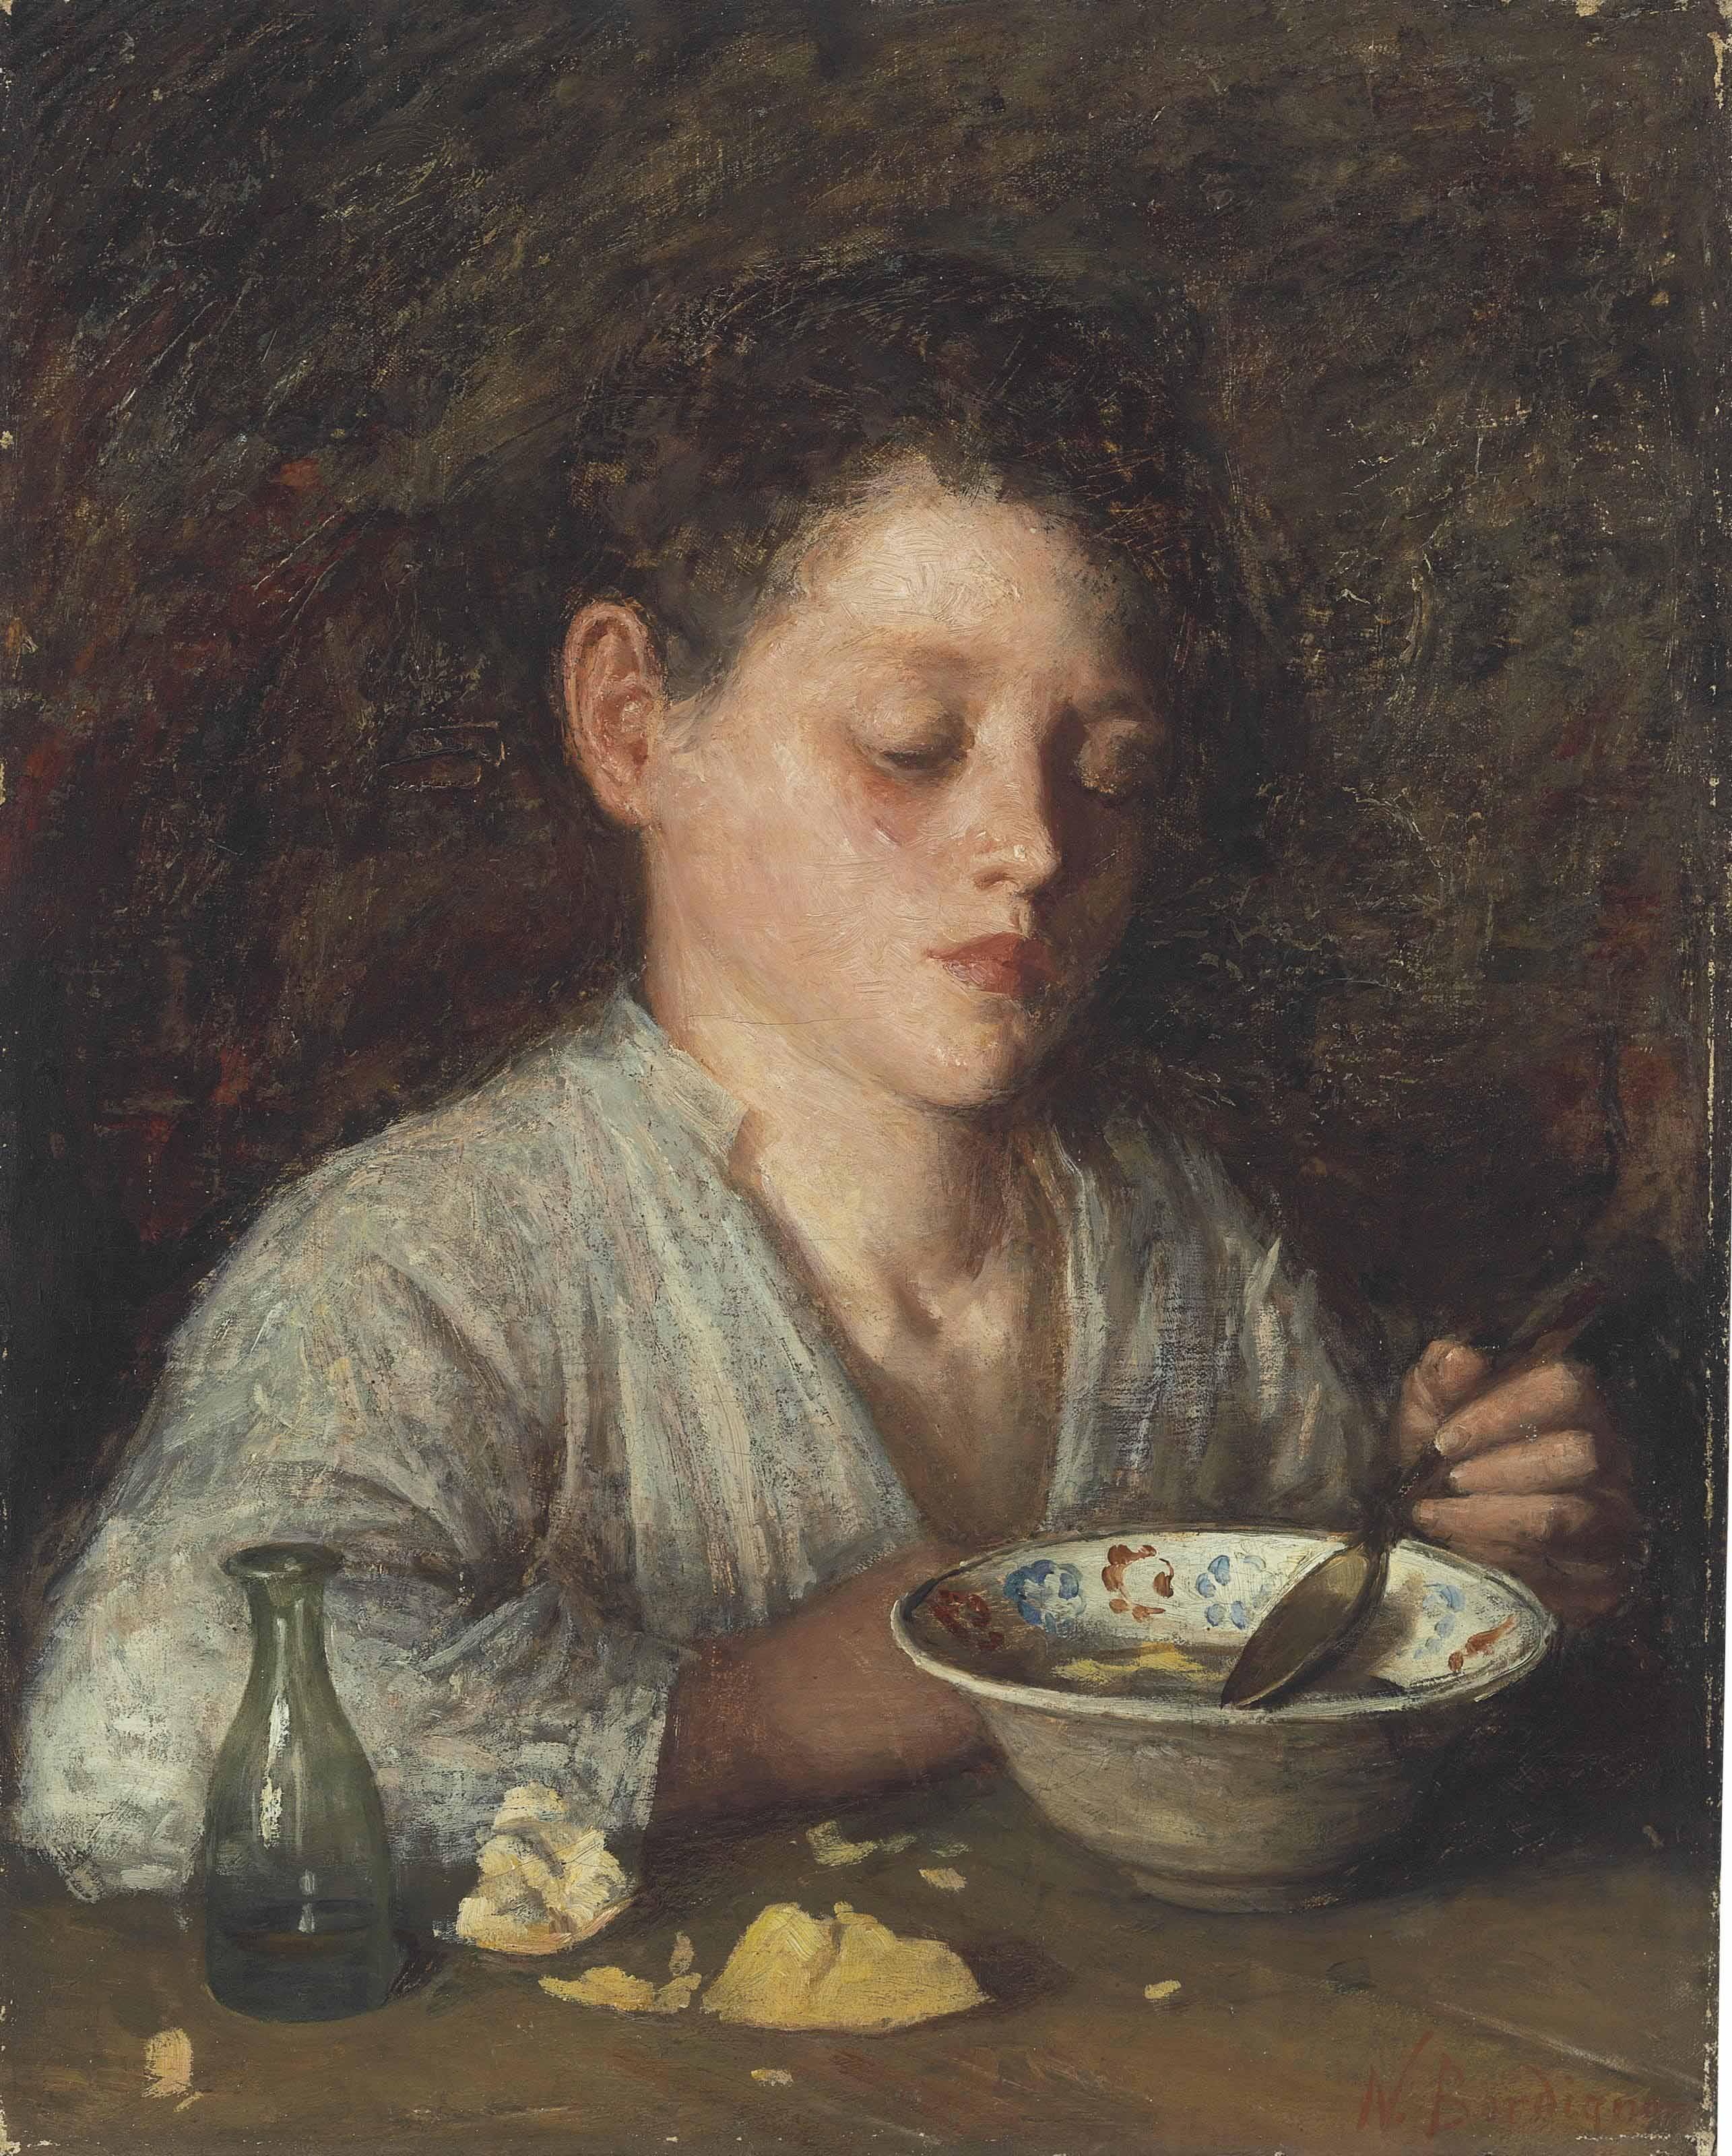 Noé Bordignon (Italian, 1841-1